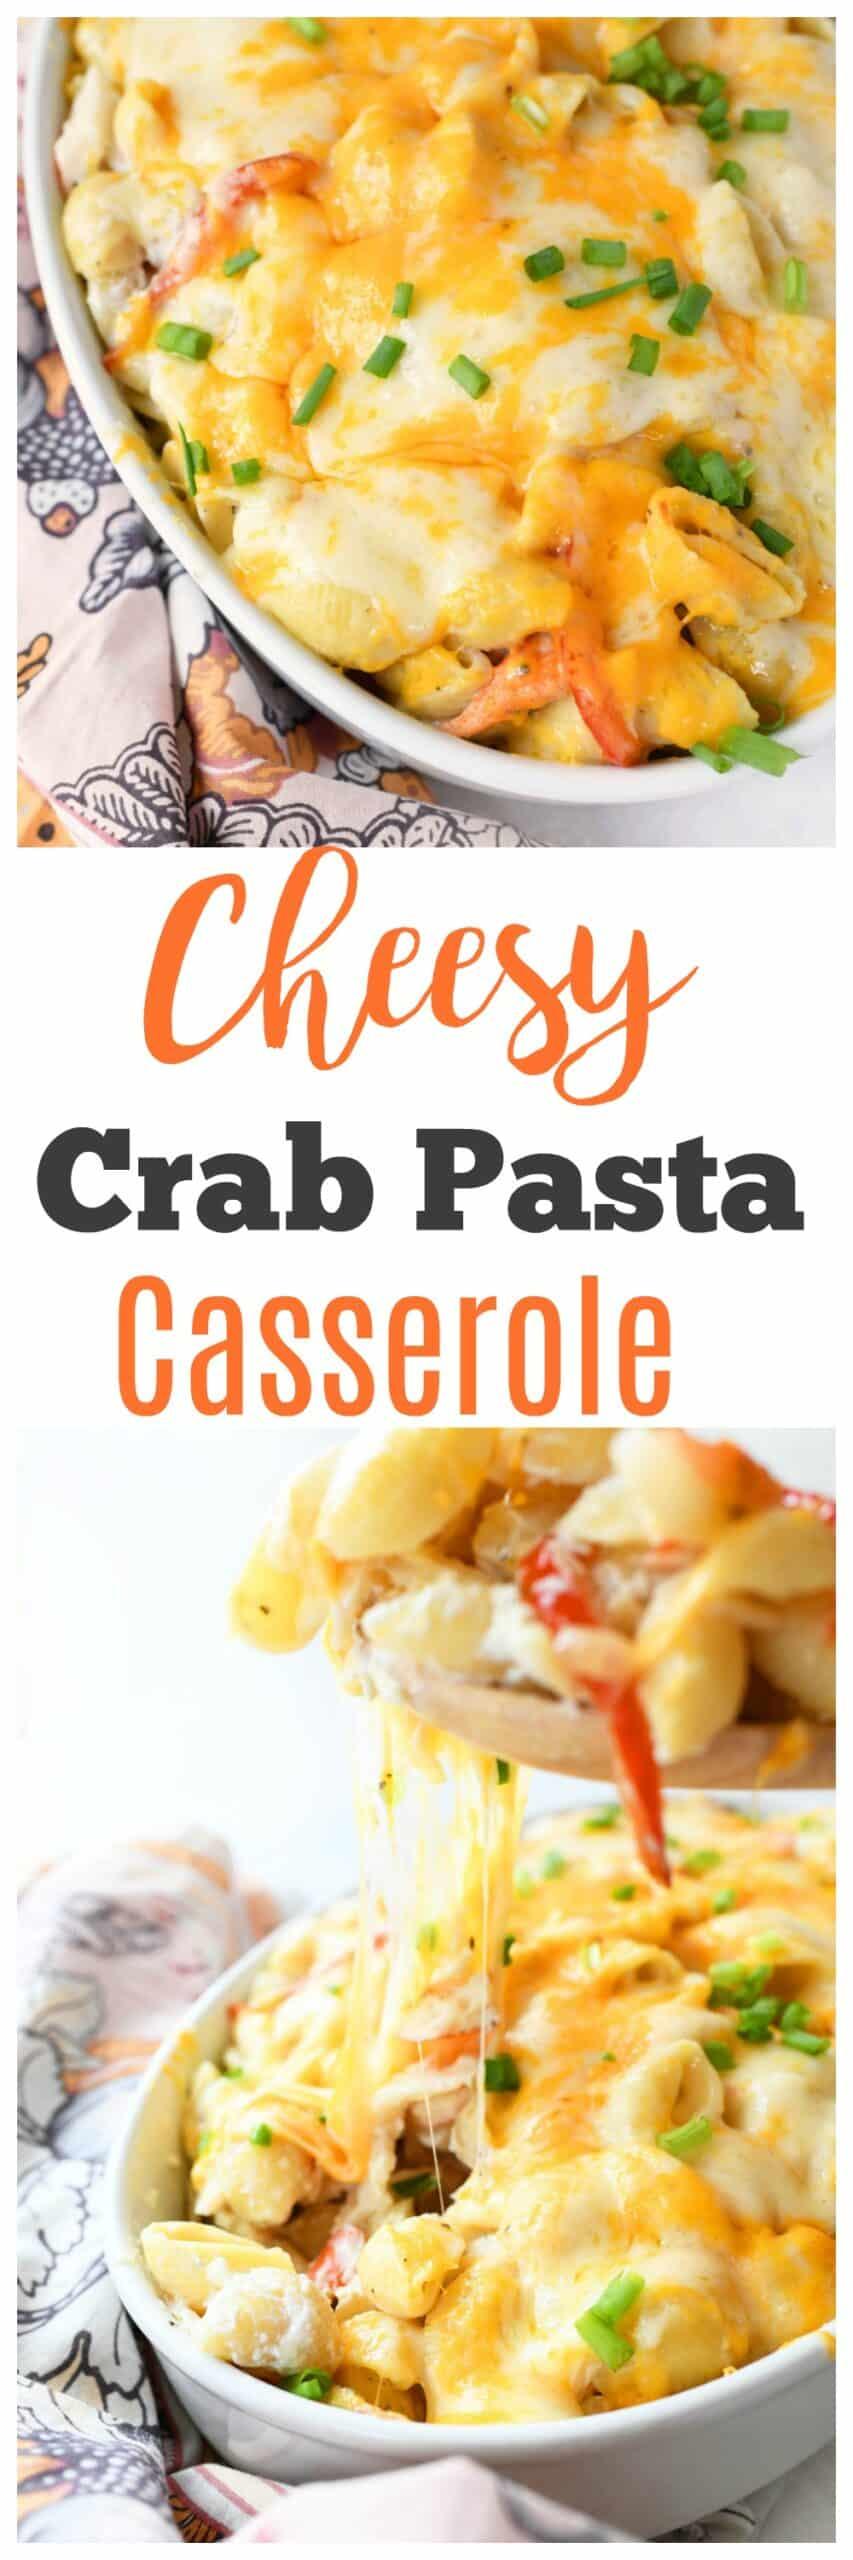 Cheesy Crab Pasta Casserole